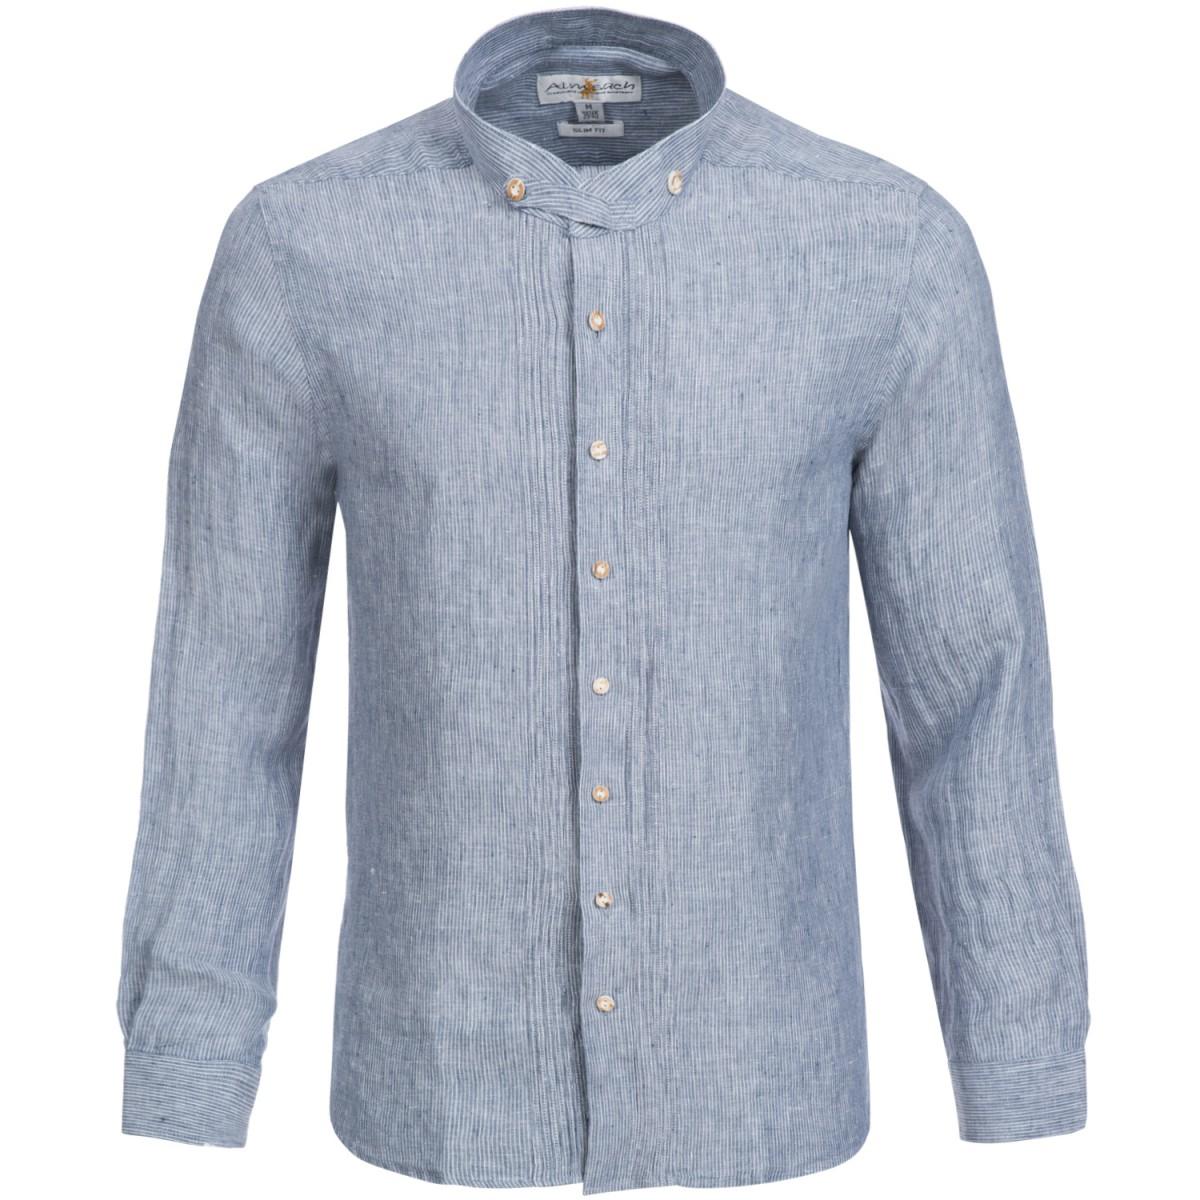 trachtenhemd slim fit in dunkelblau von almsach leinenhemd ebay. Black Bedroom Furniture Sets. Home Design Ideas